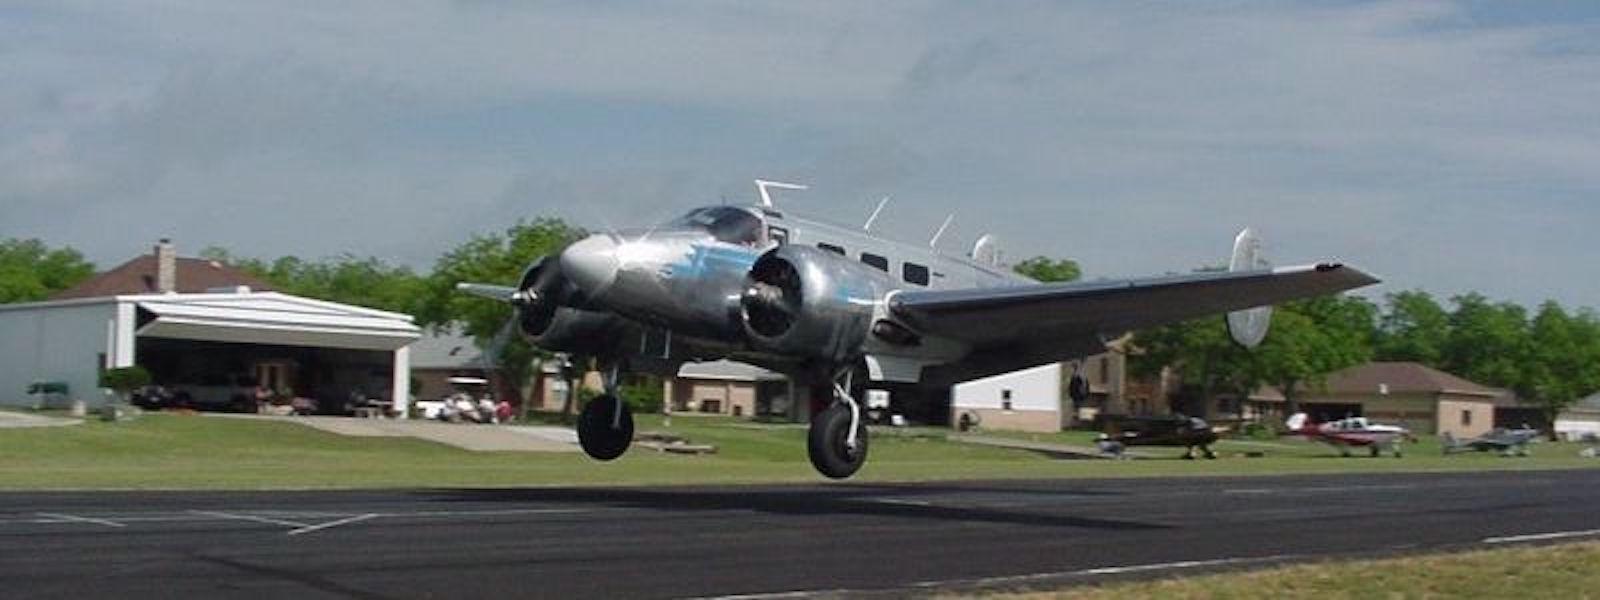 Flyin2004n1